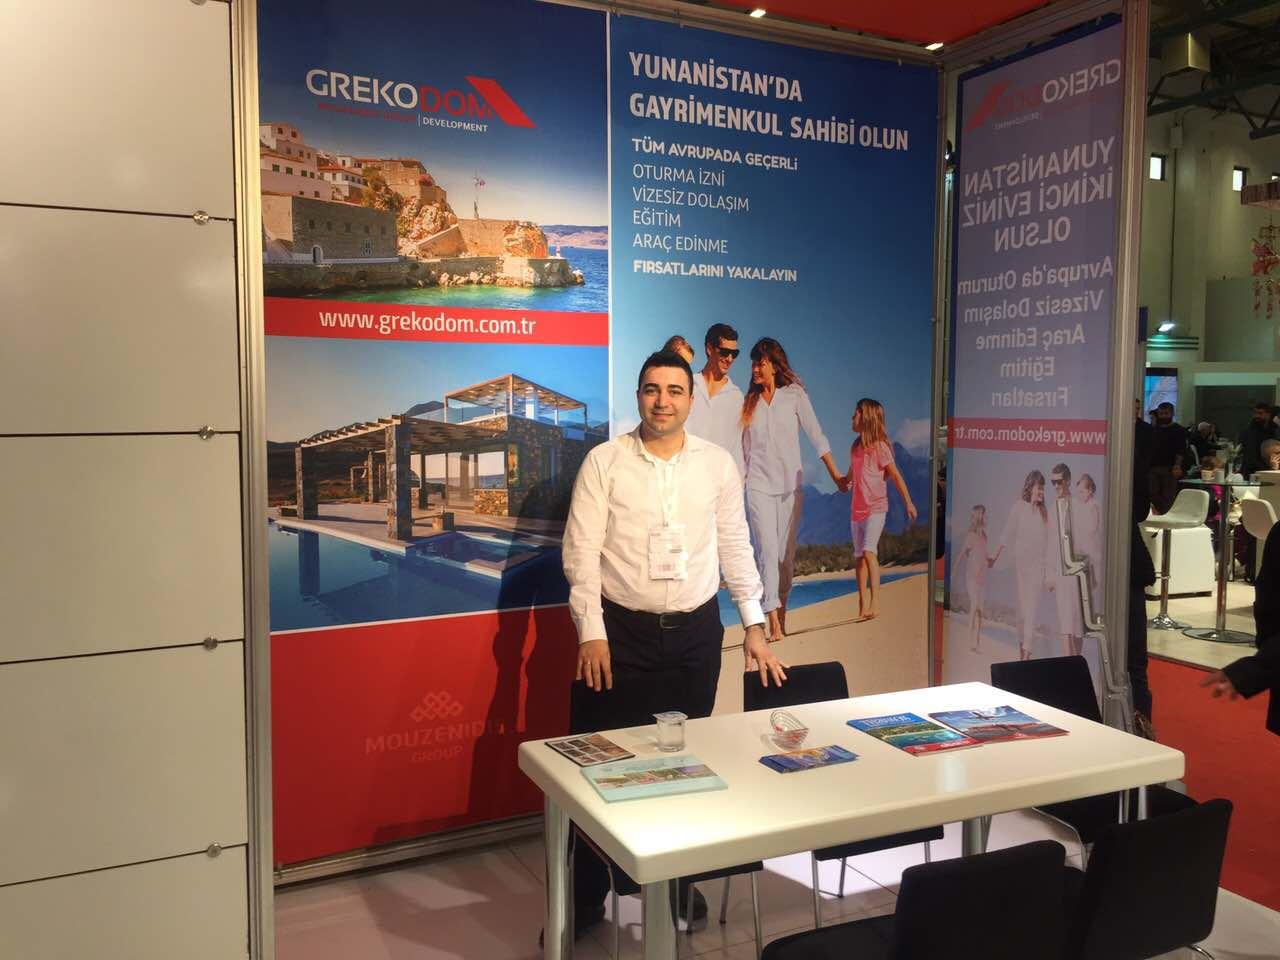 Компанія Grekodom Development - учасник виставки EMITT 2017, Стамбул, Туреччина